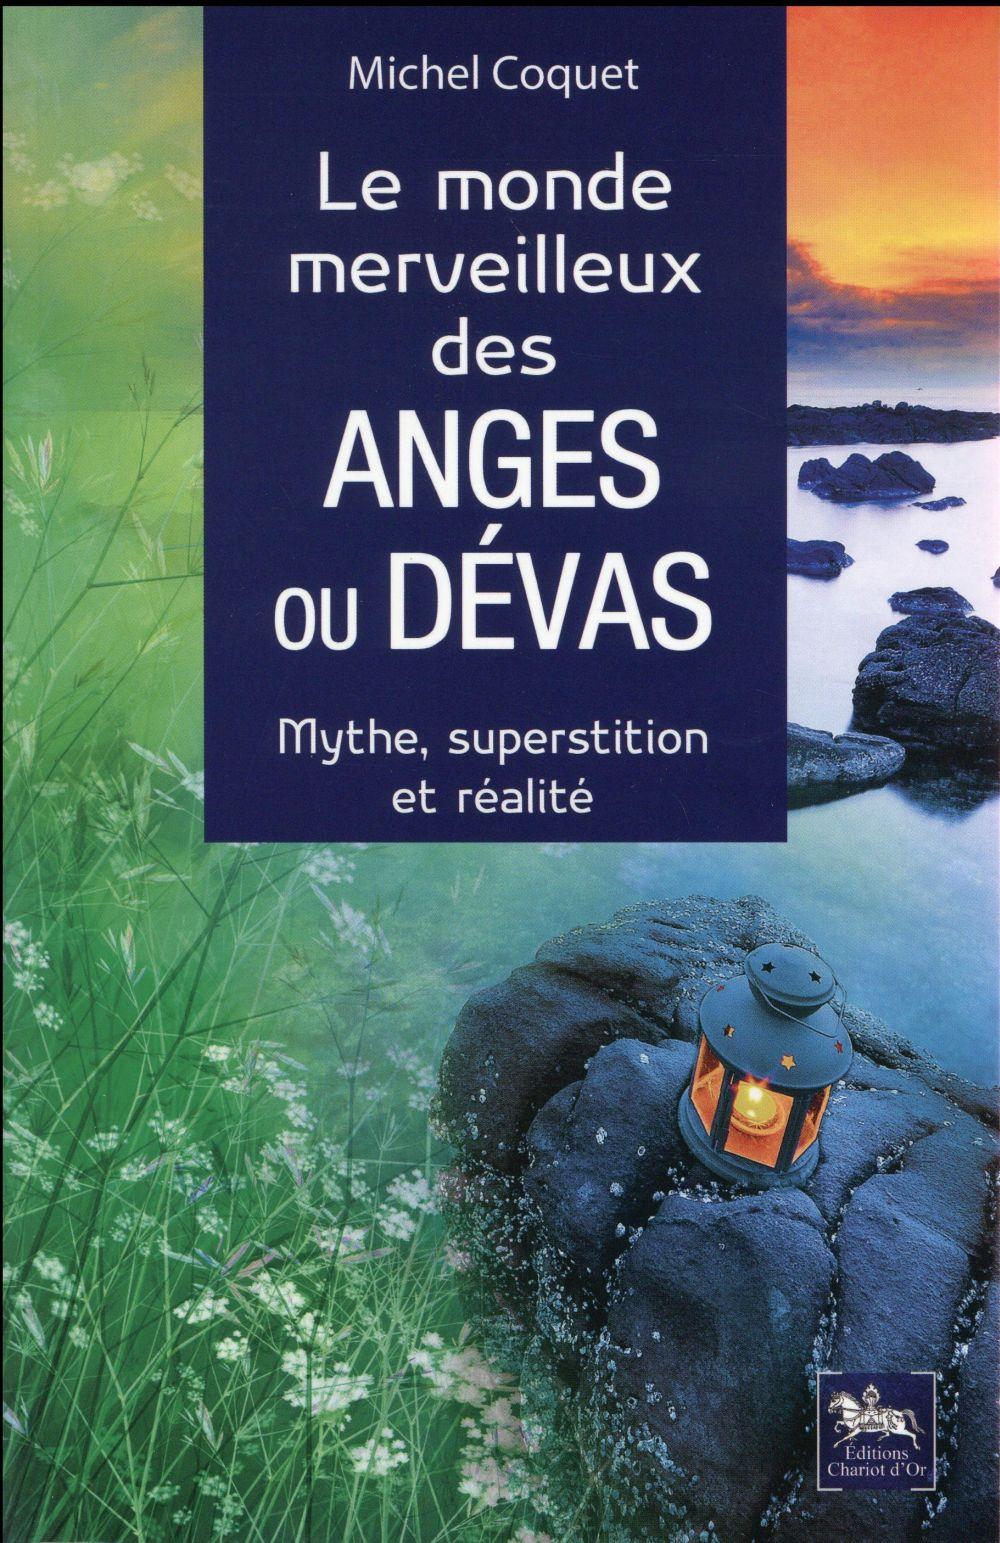 LE MONDE MERVEILLEUX DES ANGES OU DEVAS - MYTHE, SUPERSTITION ET REALITE